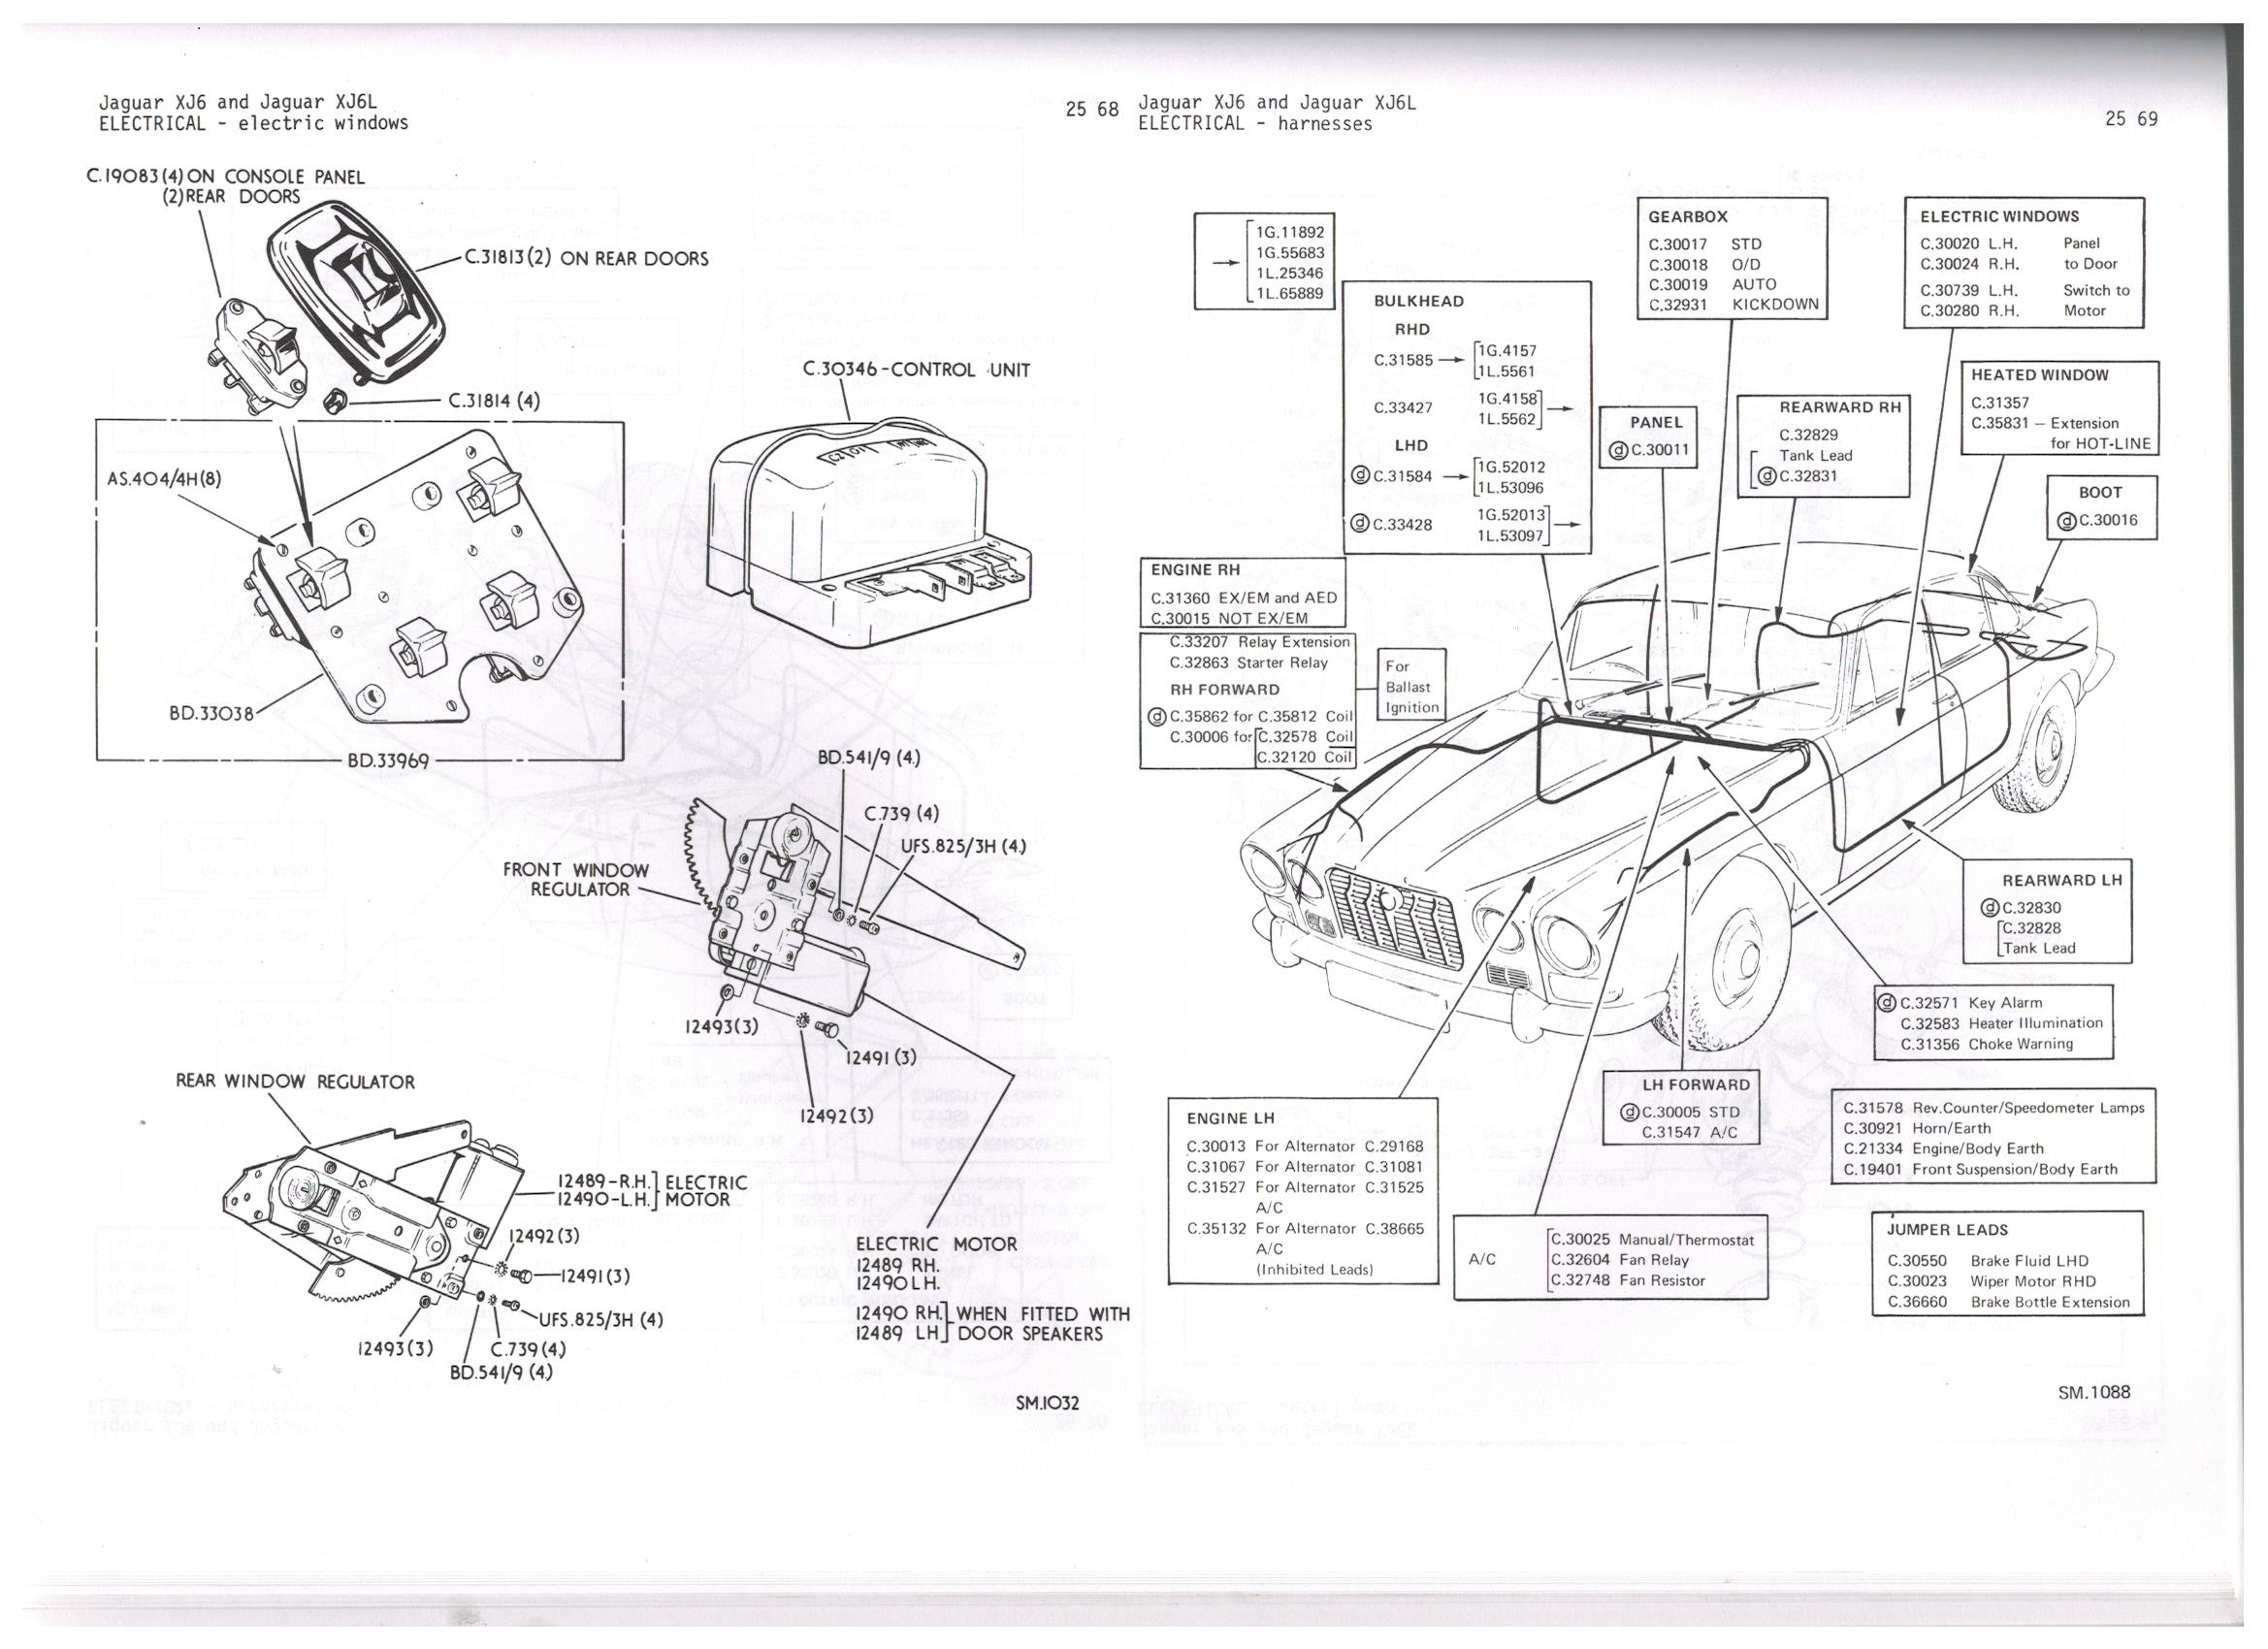 1971 xj6 - pagina 3 - foto u0026 39 s  schema u0026 39 s